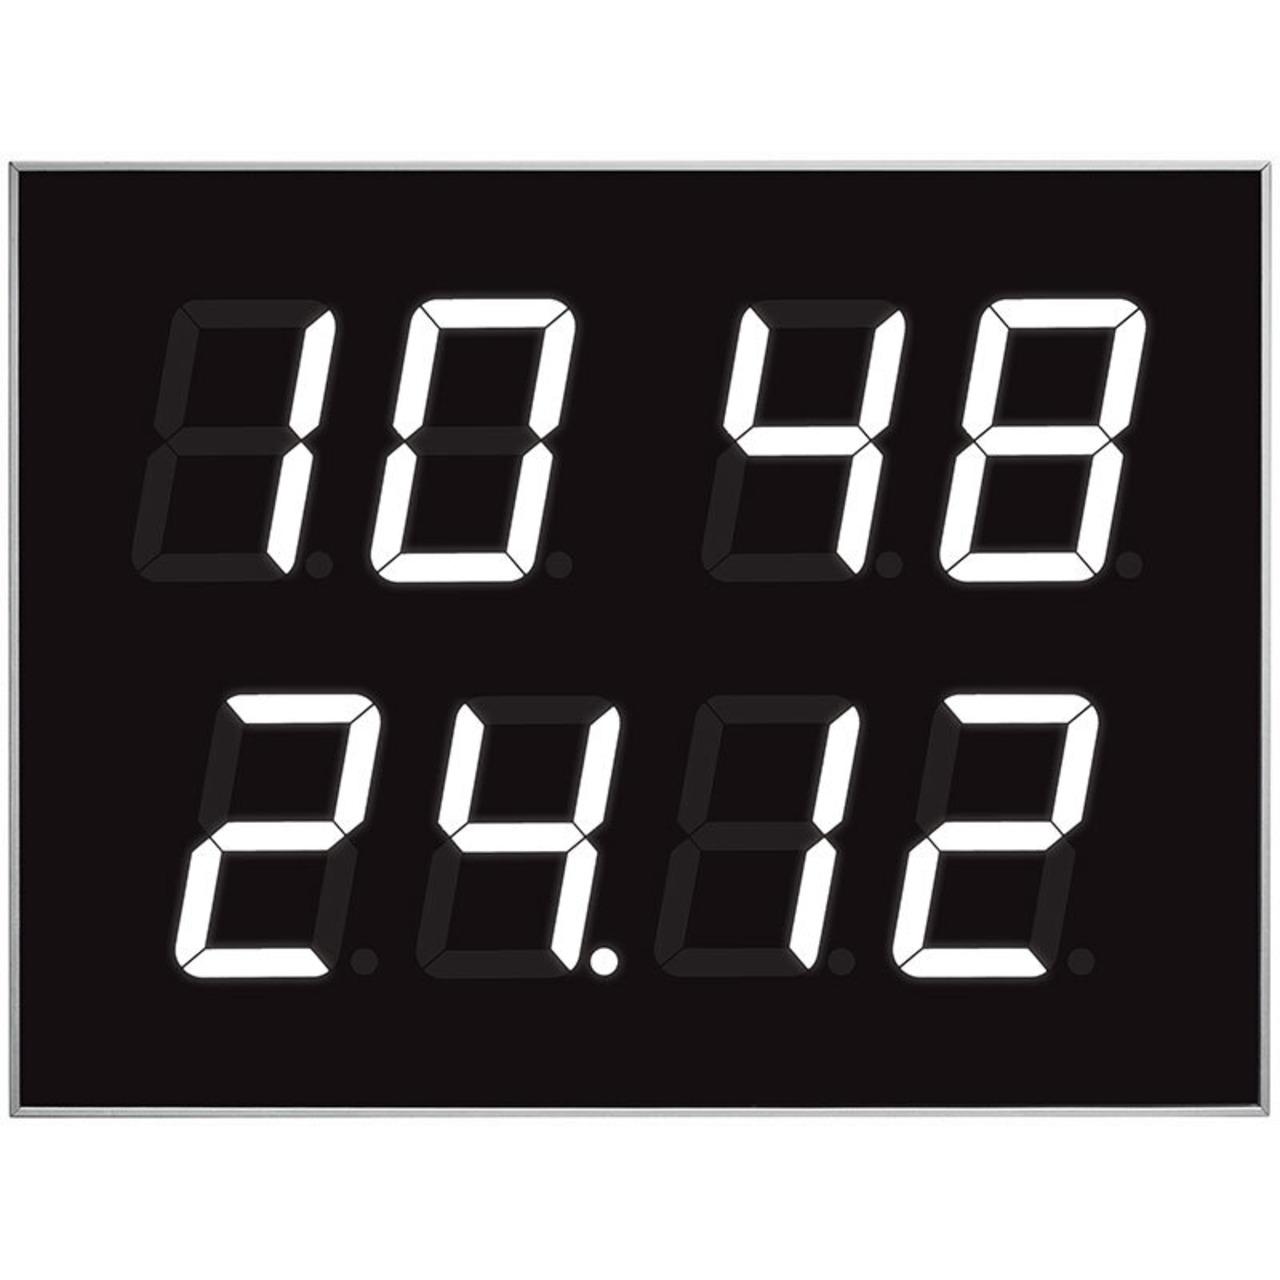 ELV Bausatz Multifunktions-LED-Display mit Funkuhr und Temperaturanzeige MLDP1- ohne Gehäuse